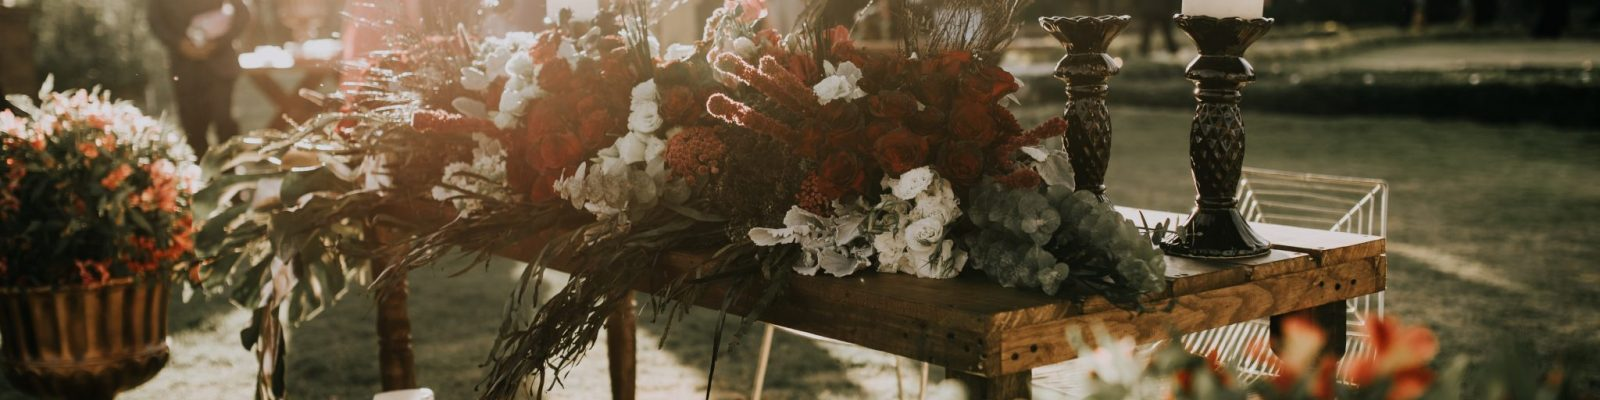 svadba vonku